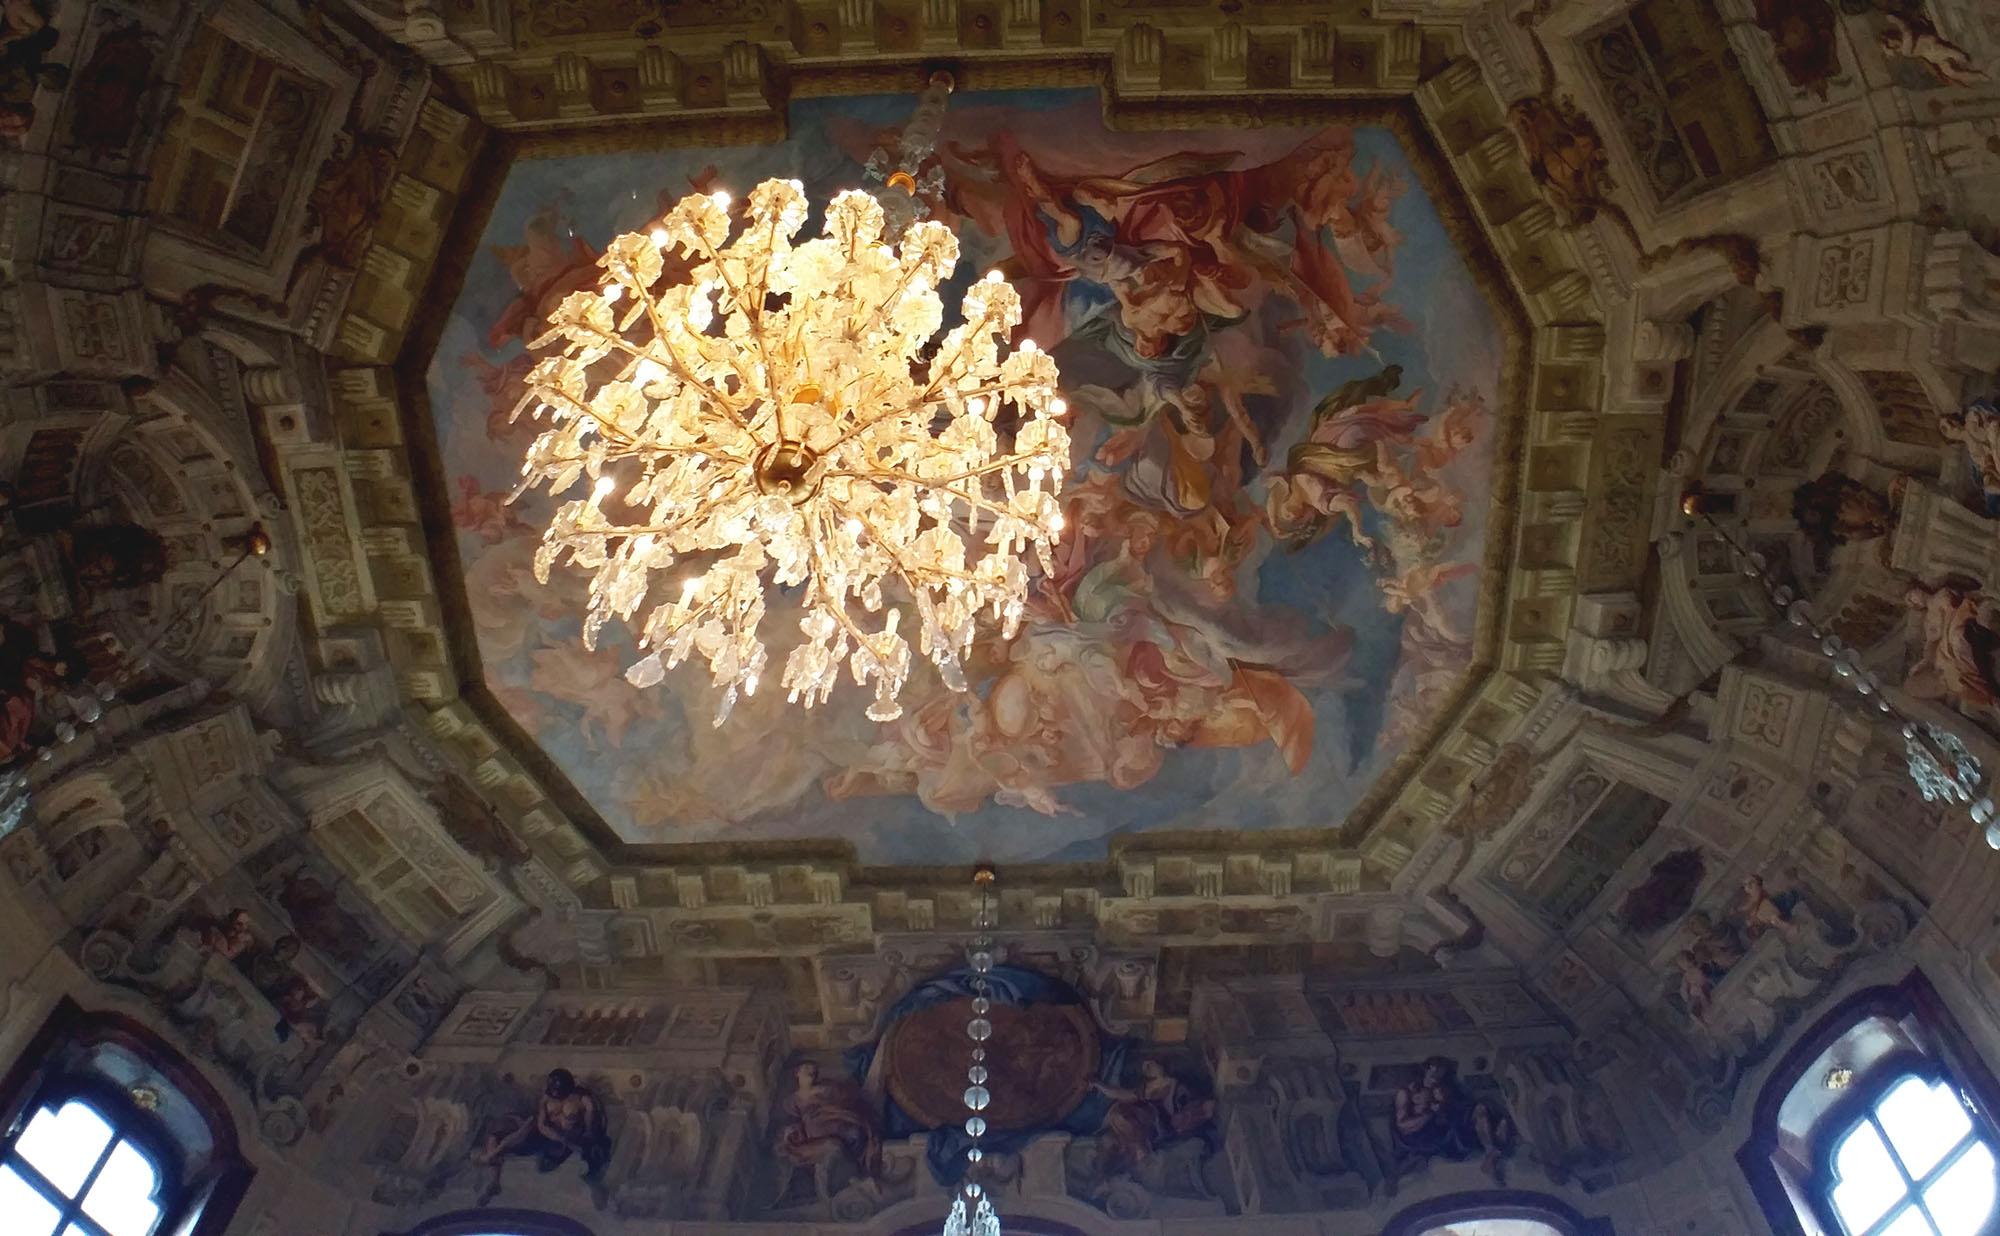 ベルヴェデーレ宮殿の天井画